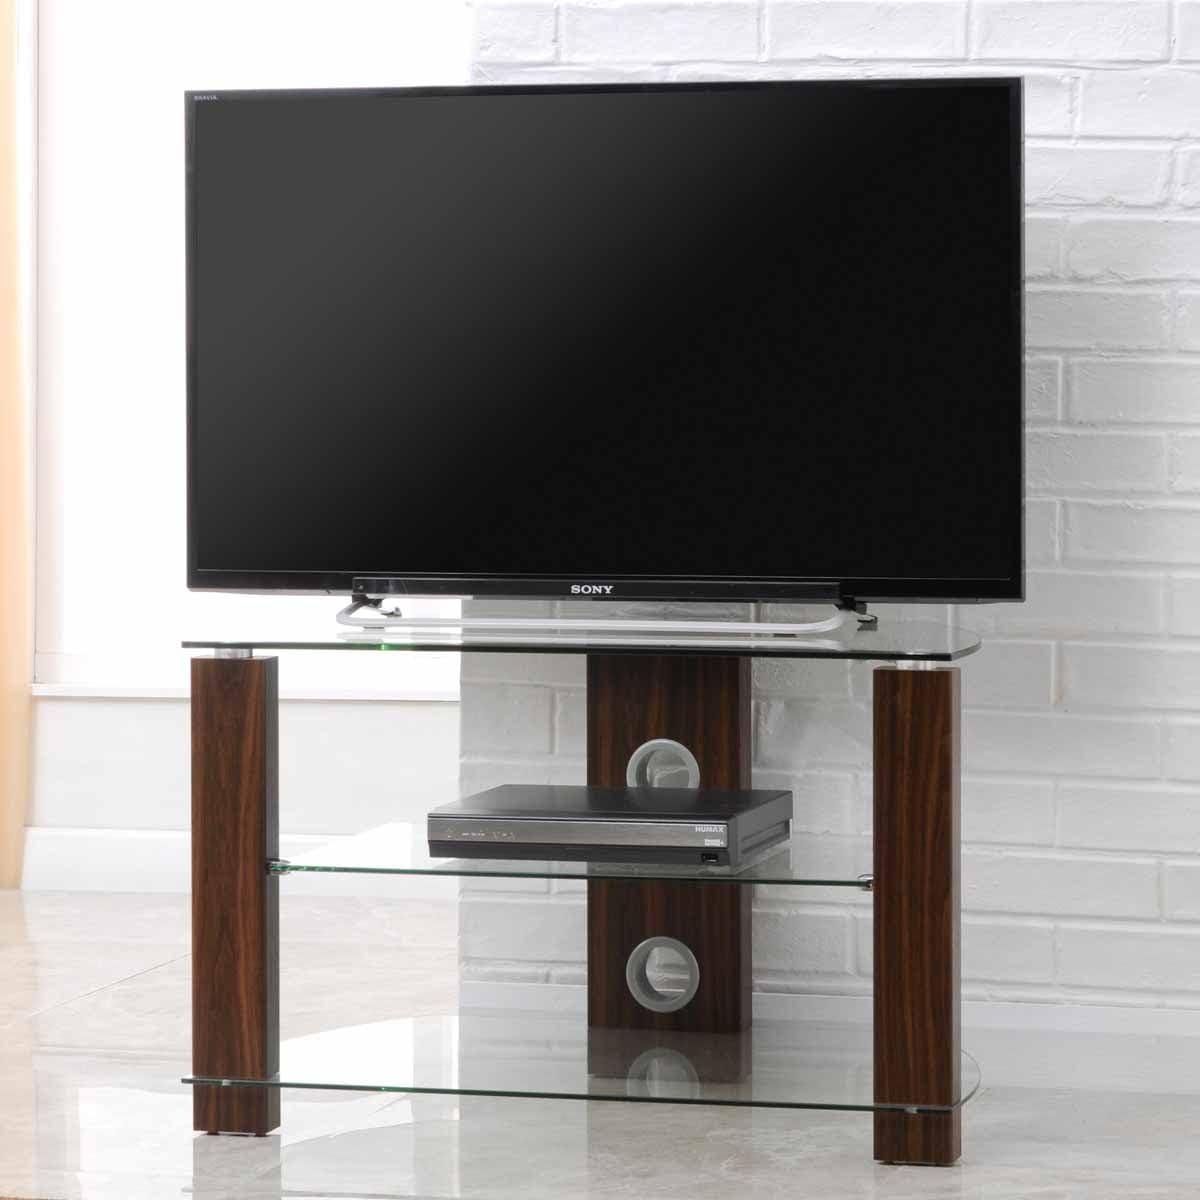 TNW 36561 Vision 800 - Soporte de Esquina para TV, Color Nogal: Amazon.es: Electrónica